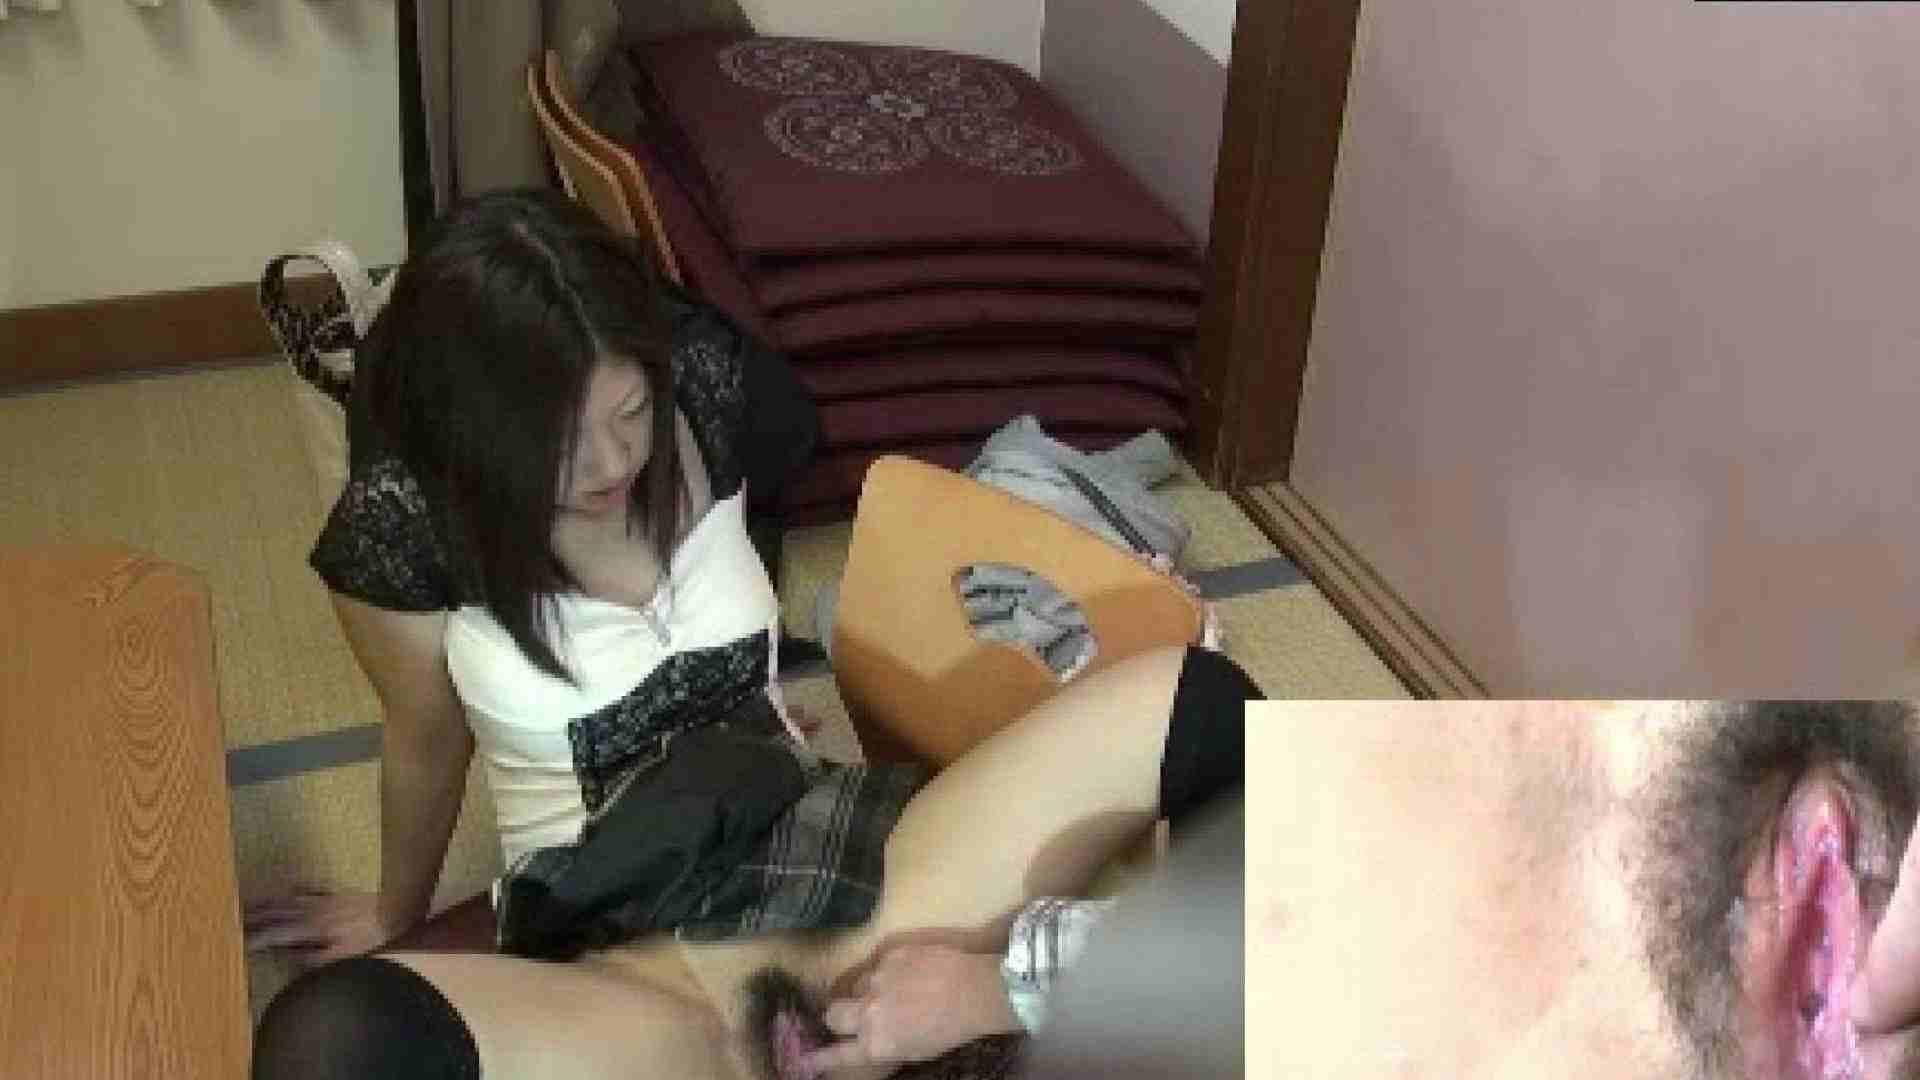 アヘ顔のわたしってどうかしら Vol.042 オナニー | HなOL  72pic 51